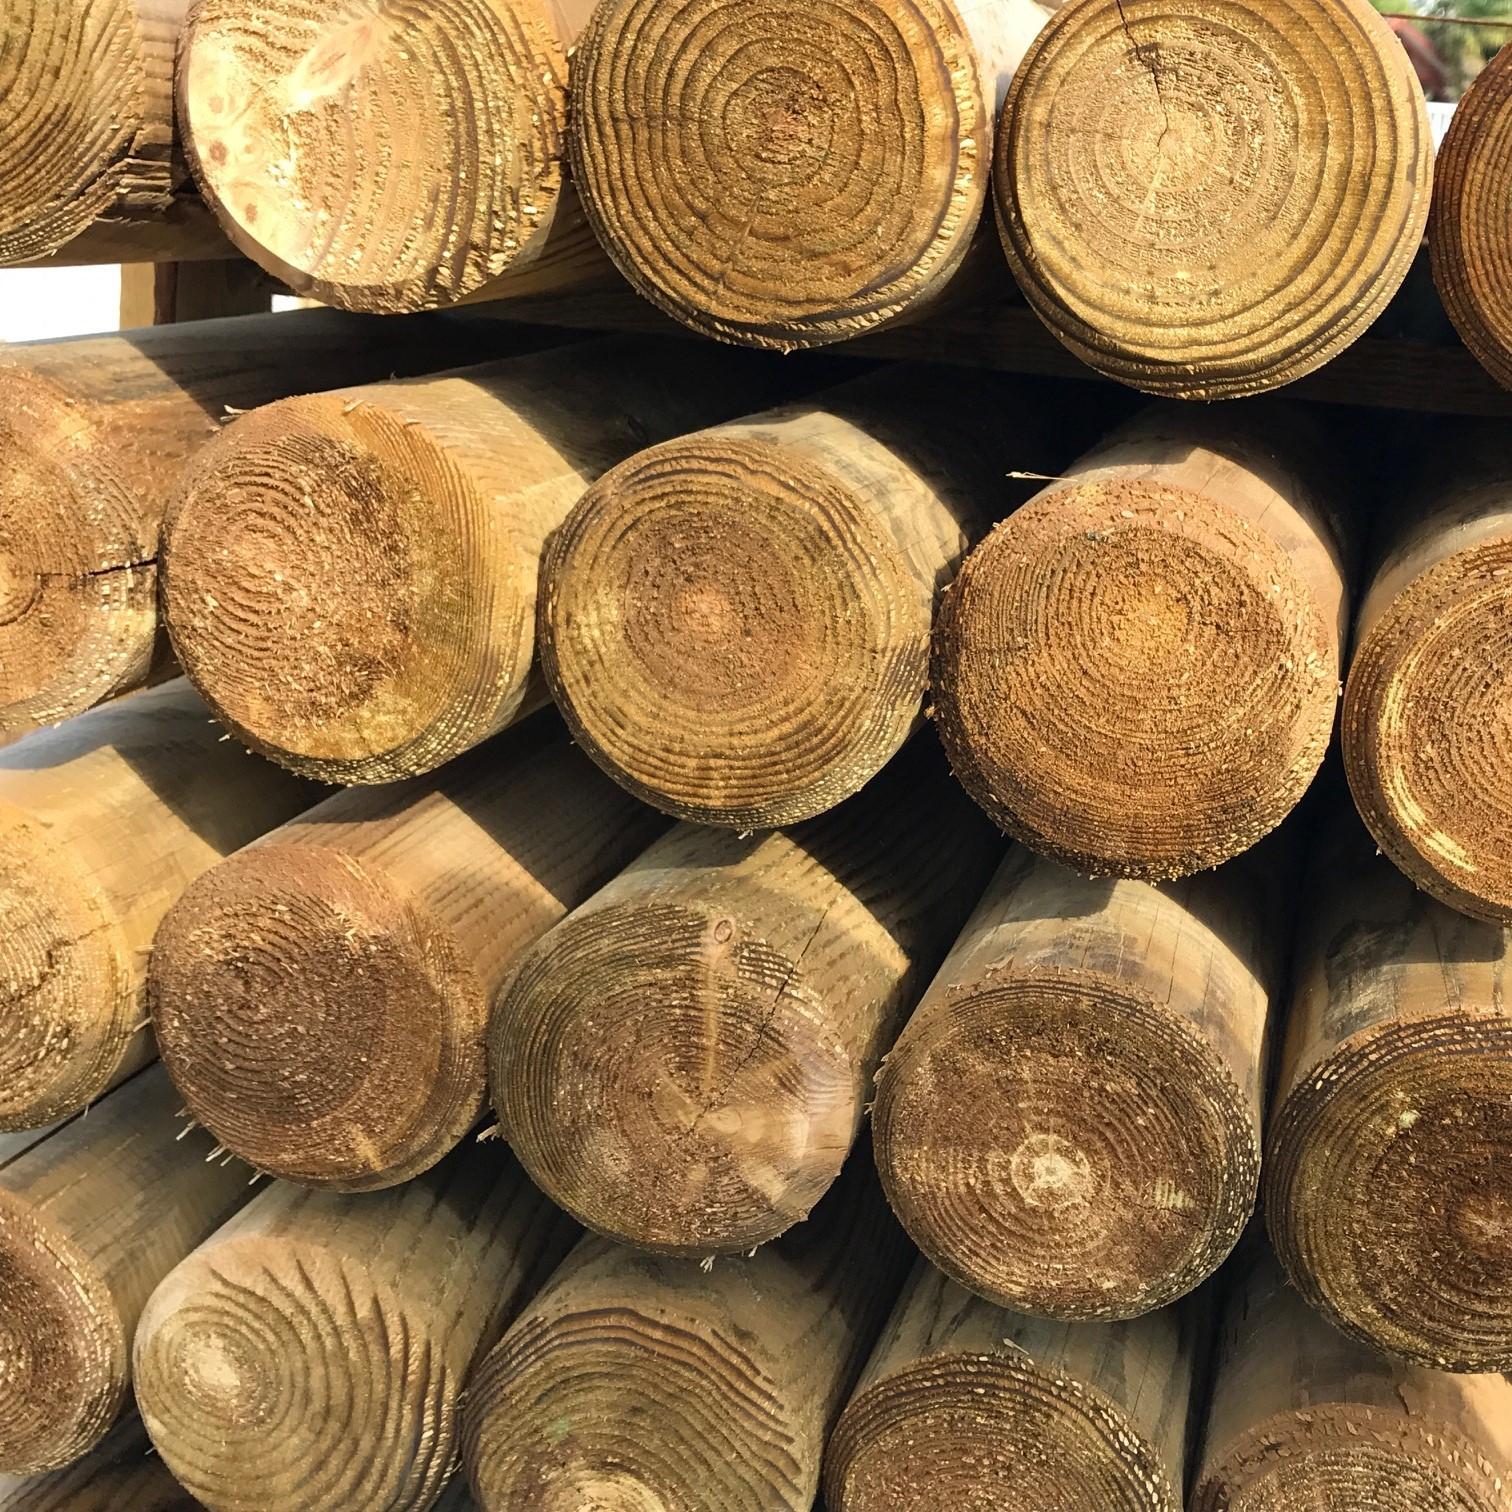 Bois Pour Exterieur Classe 4 rondin fraisé Ø 12 cm l. 2,00 m en bois autoclave   kulturbois